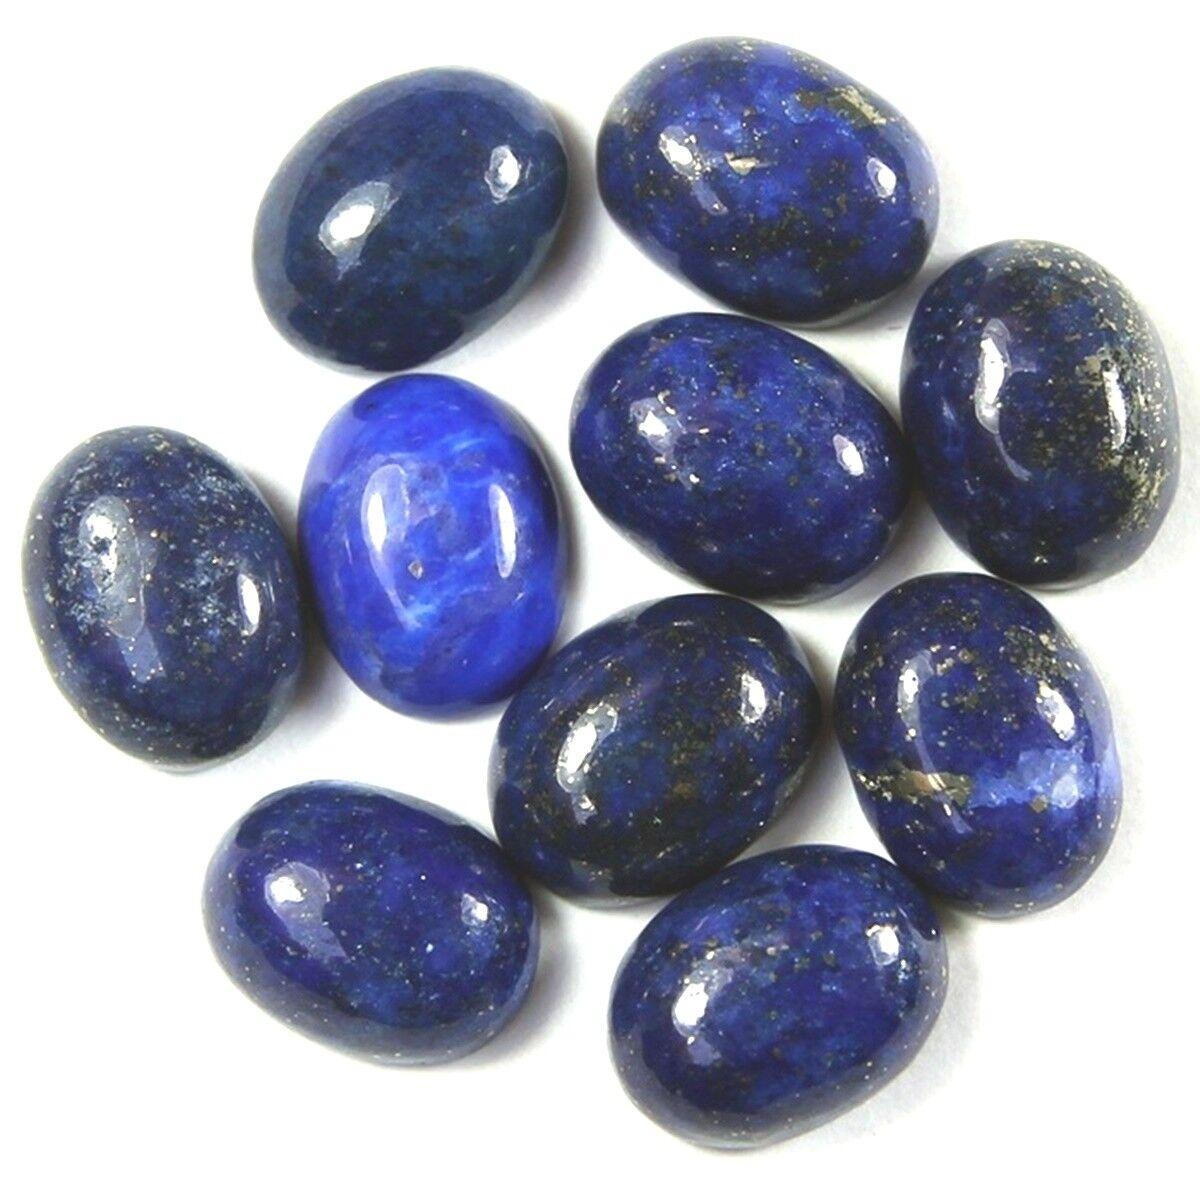 Venta al por mayor Lote de 6x4mm Oval cabujón de piedras preciosas naturales de tierra minada Peridoto